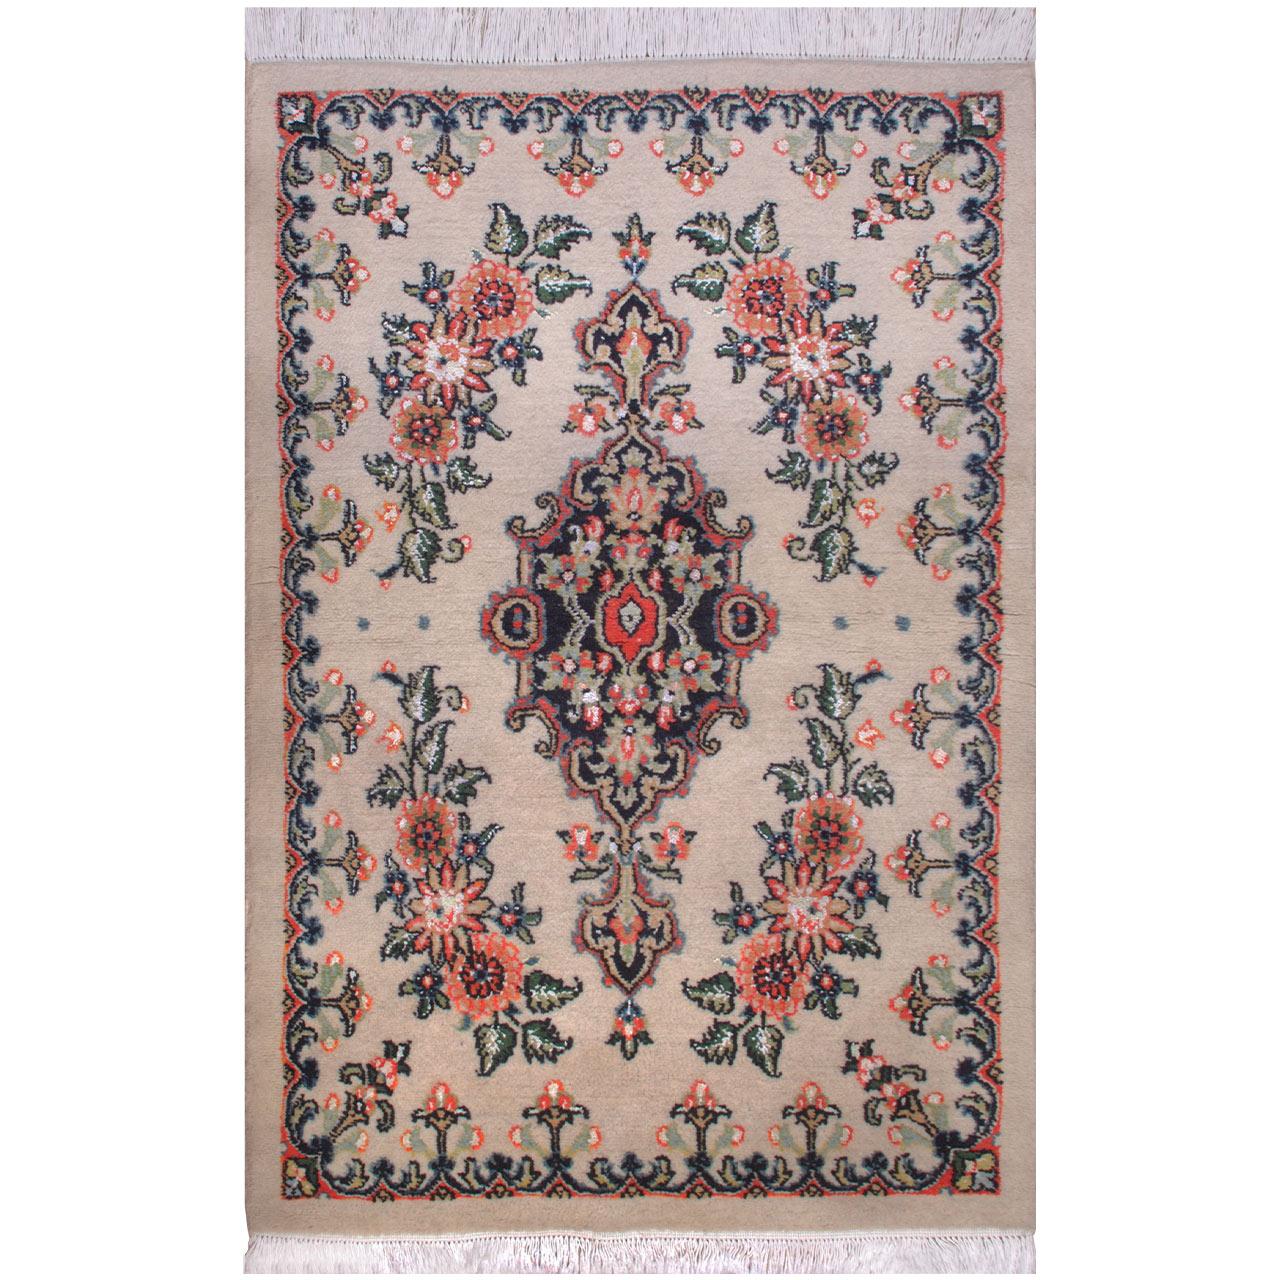 فرش دستبافت یک و نیم متری فرش هریس کد 101622